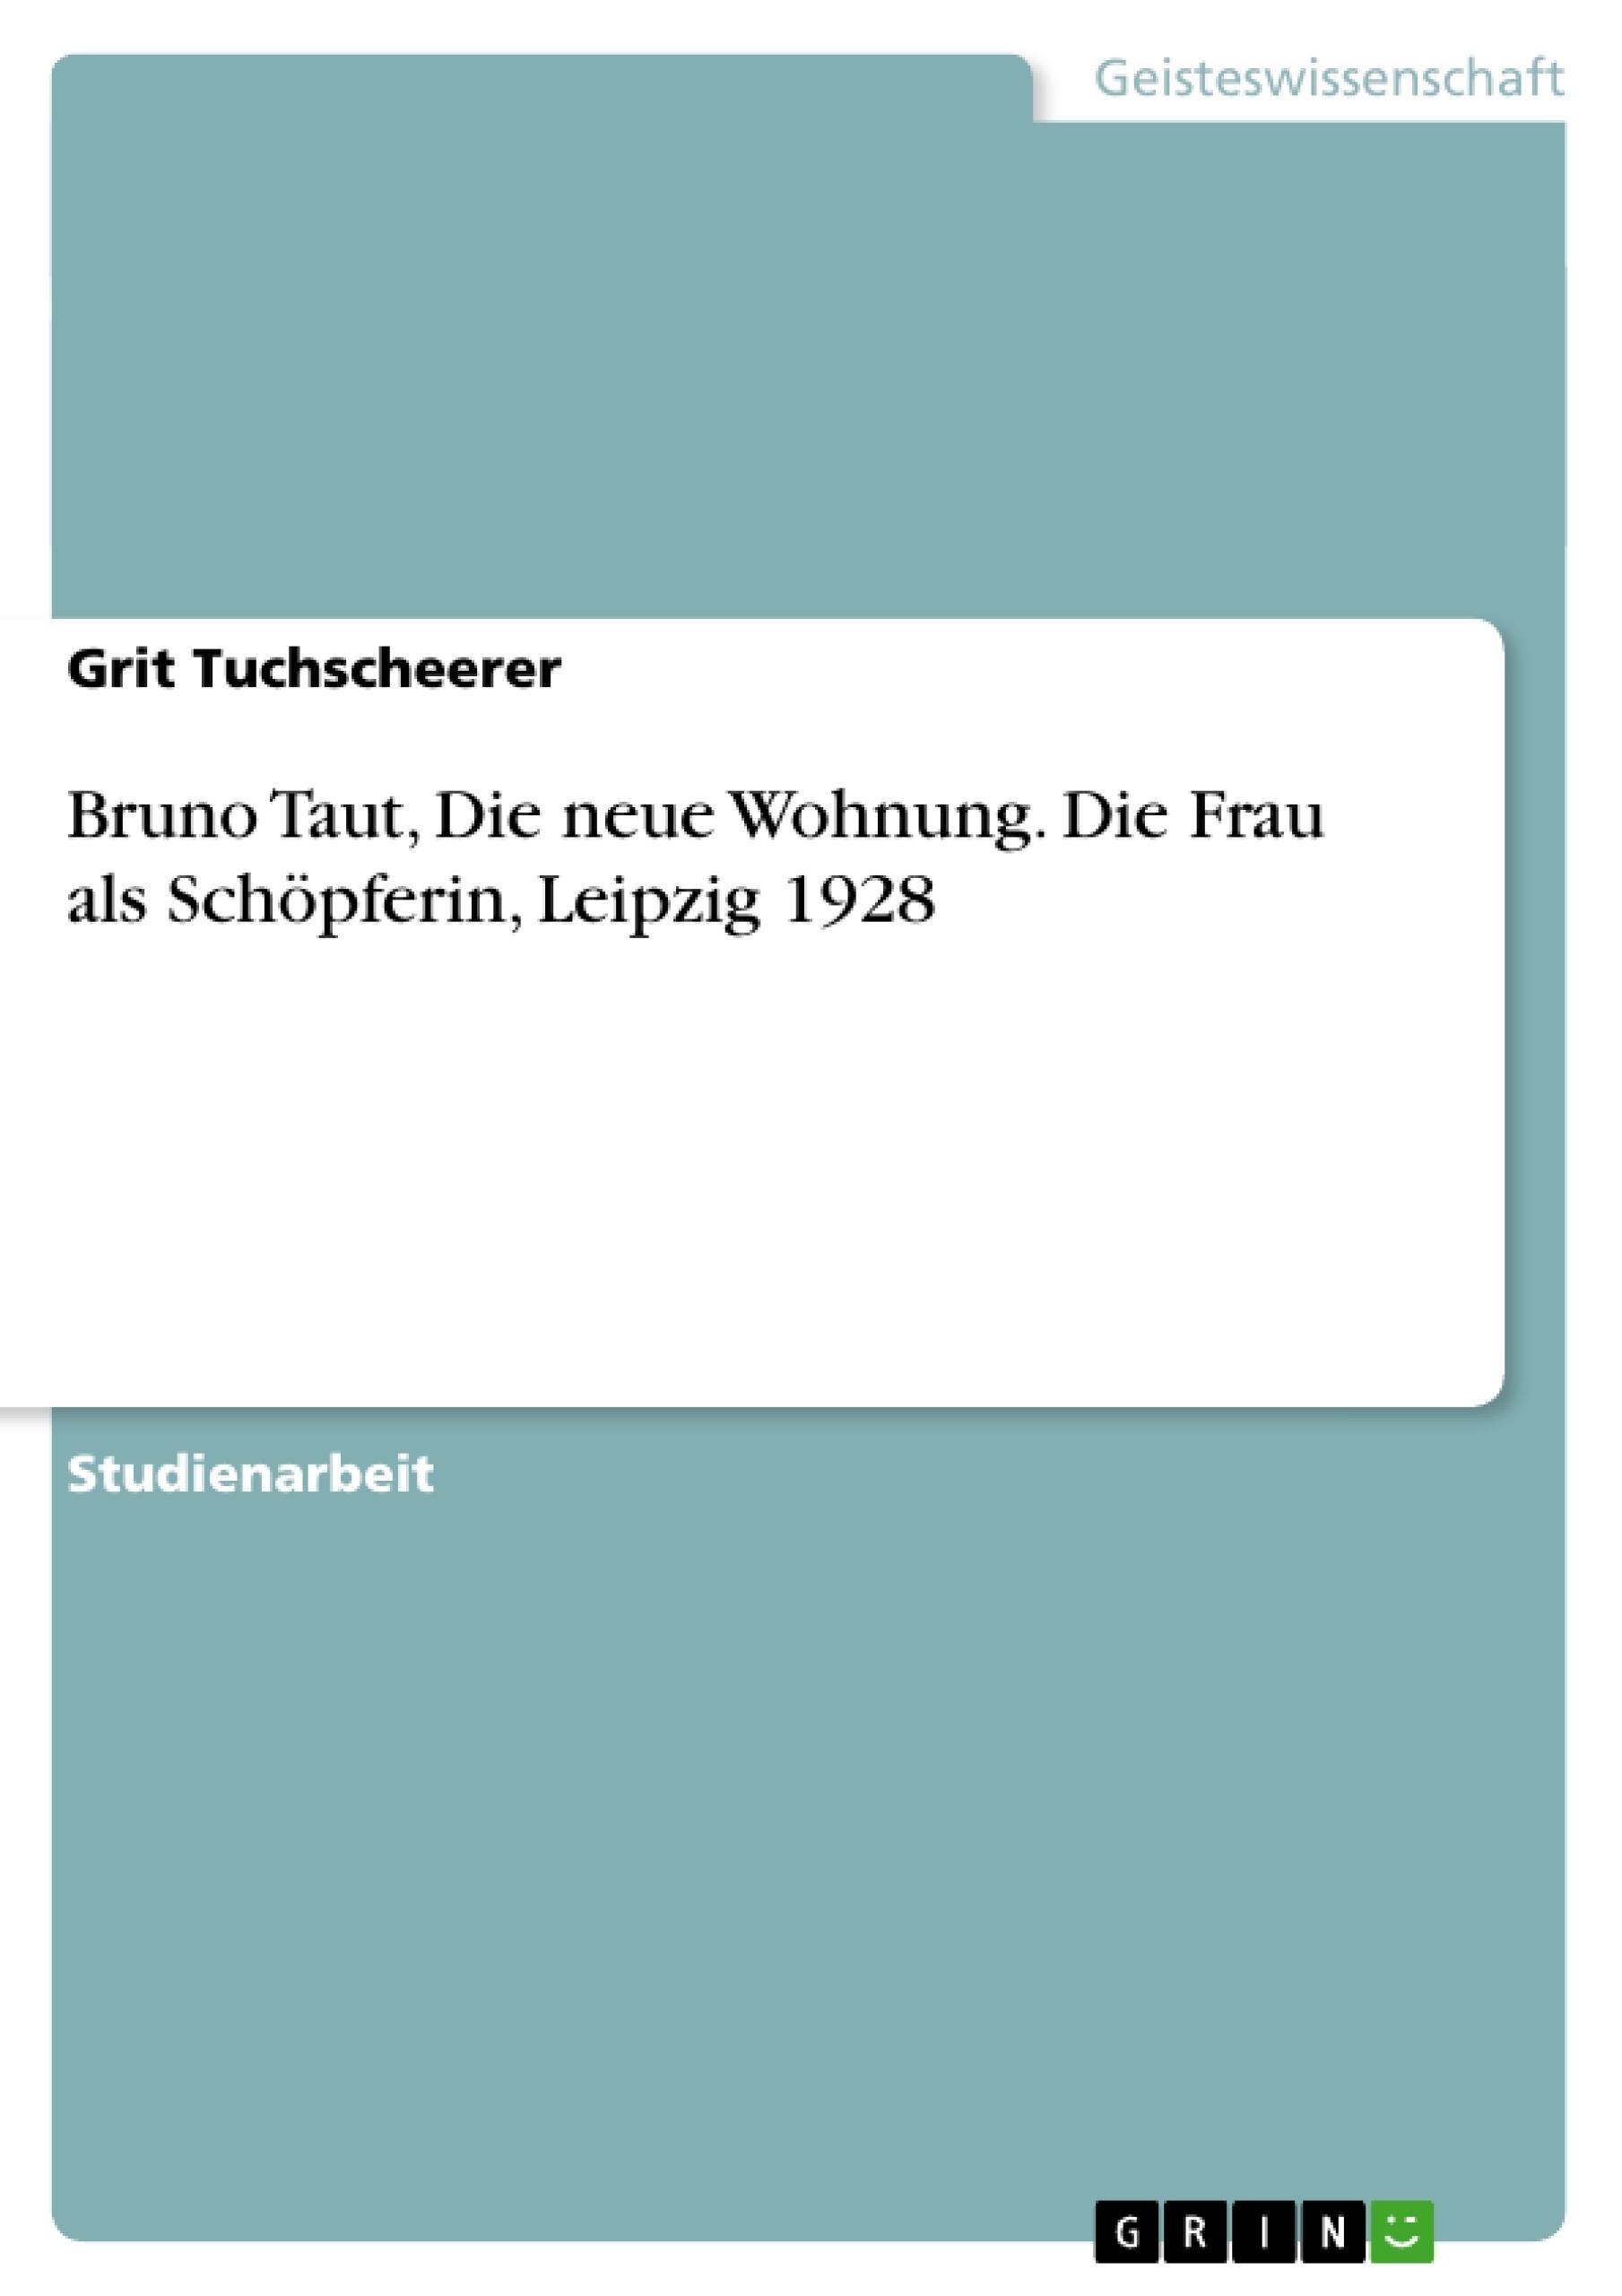 Titel: Bruno Taut, Die neue Wohnung. Die Frau als Schöpferin, Leipzig 1928